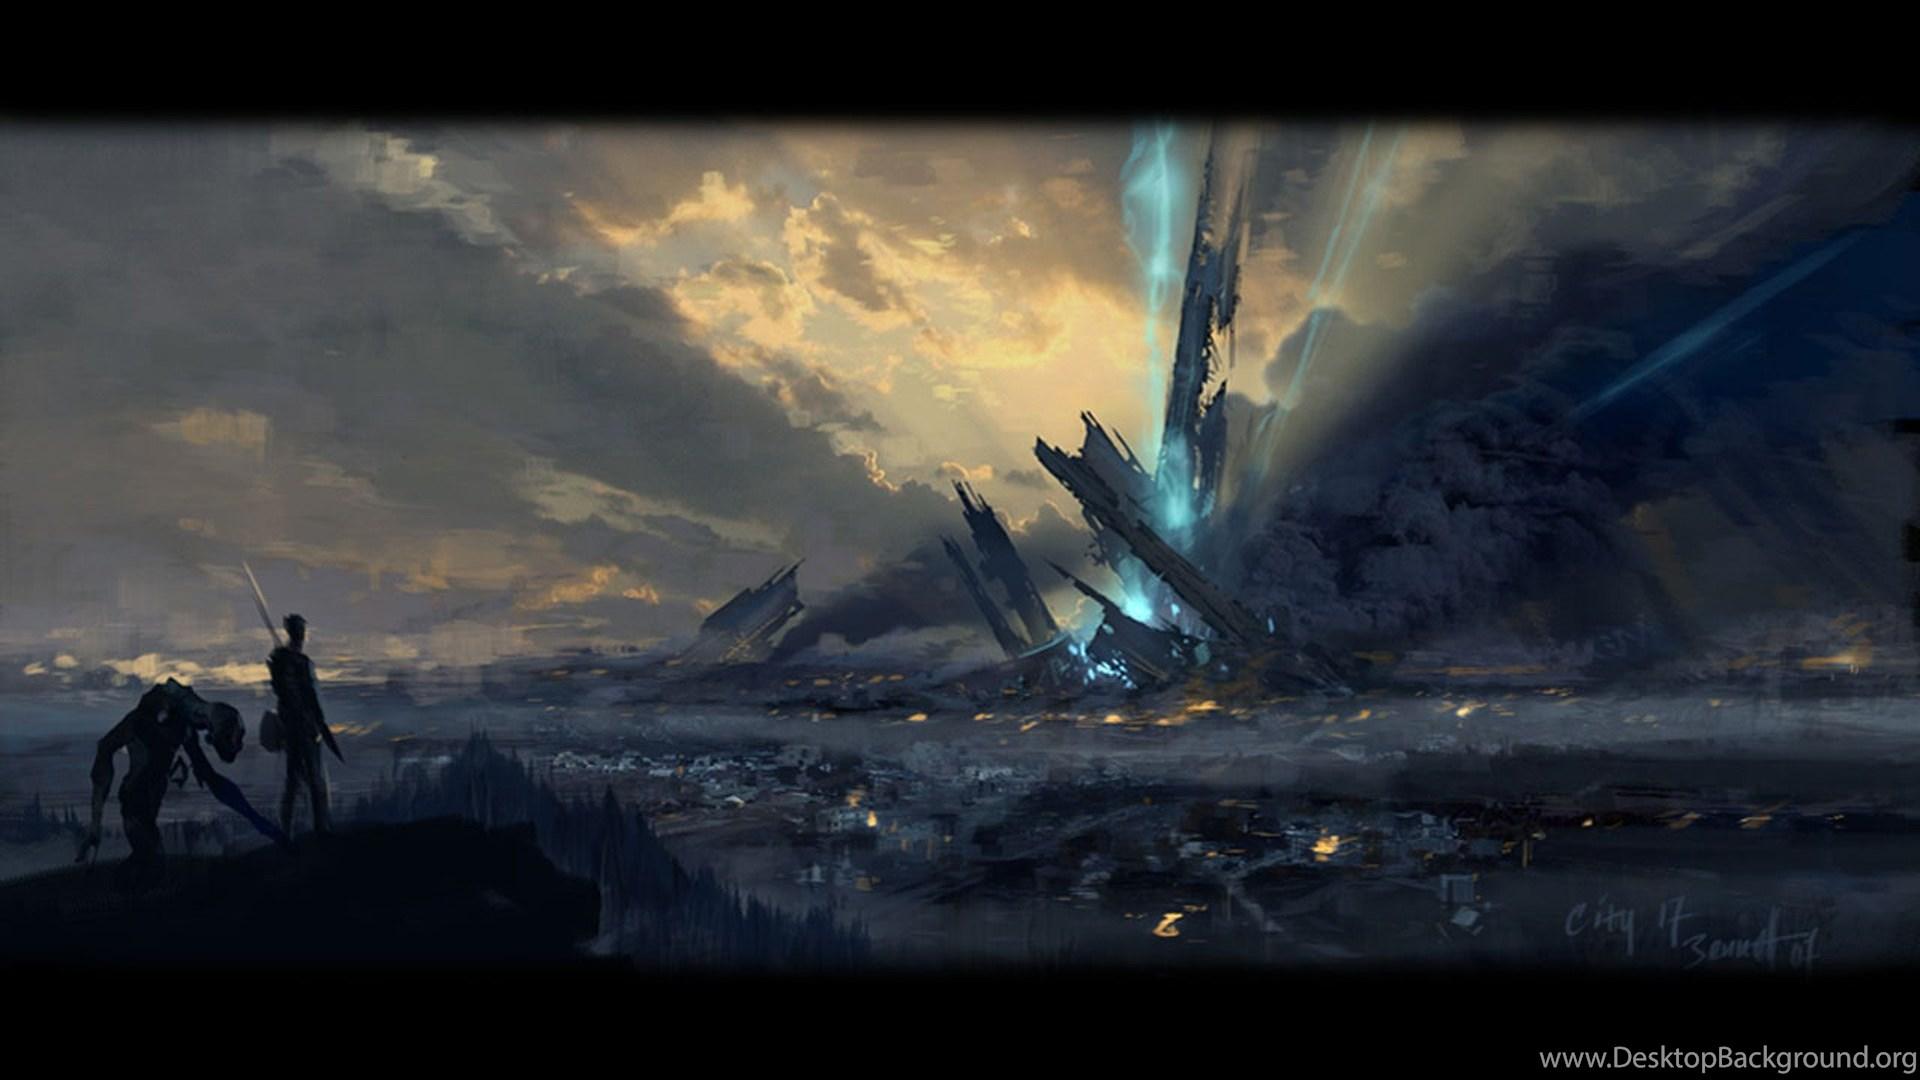 Half Life 2 Wallpapers Desktop Background